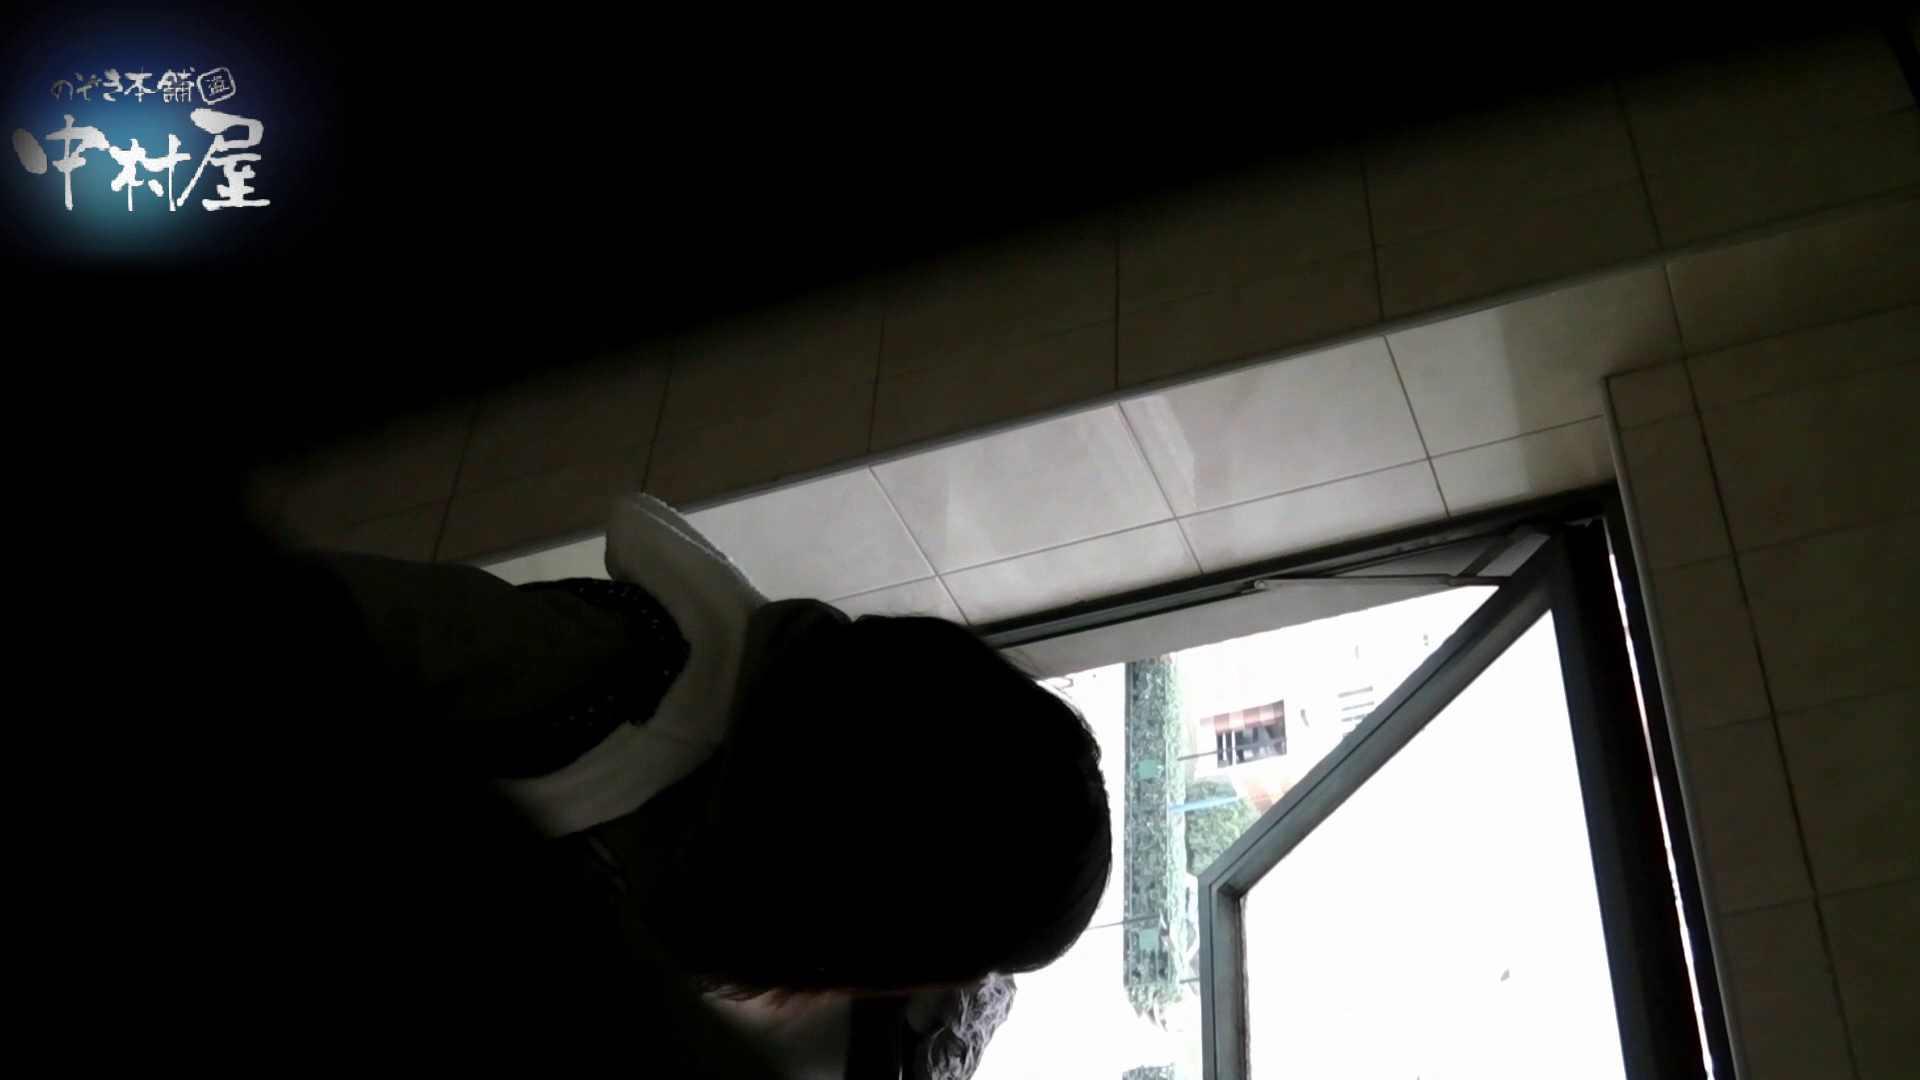 乙女集まる!ショッピングモール潜入撮vol.06 和式トイレ ヌード画像 86pic 77